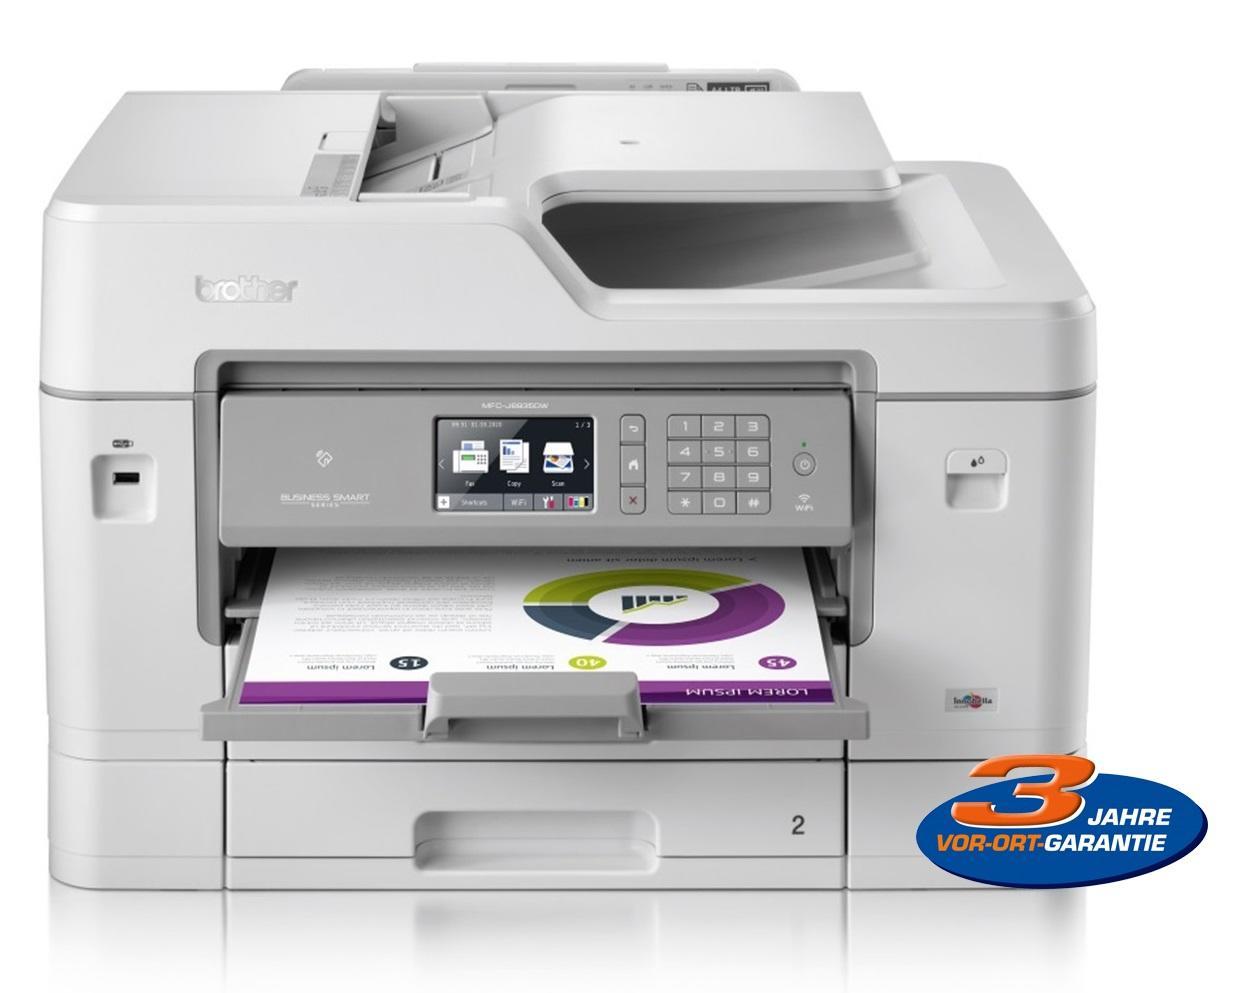 Brother  4in1 Tintenstrahl-Drucker(Drucker/Scanner/Kopierer/Fax, bis A3, 22/20 S/min, 600 Blatt, Duplex-Funktion, ADF, WLAN, NFC, USB)